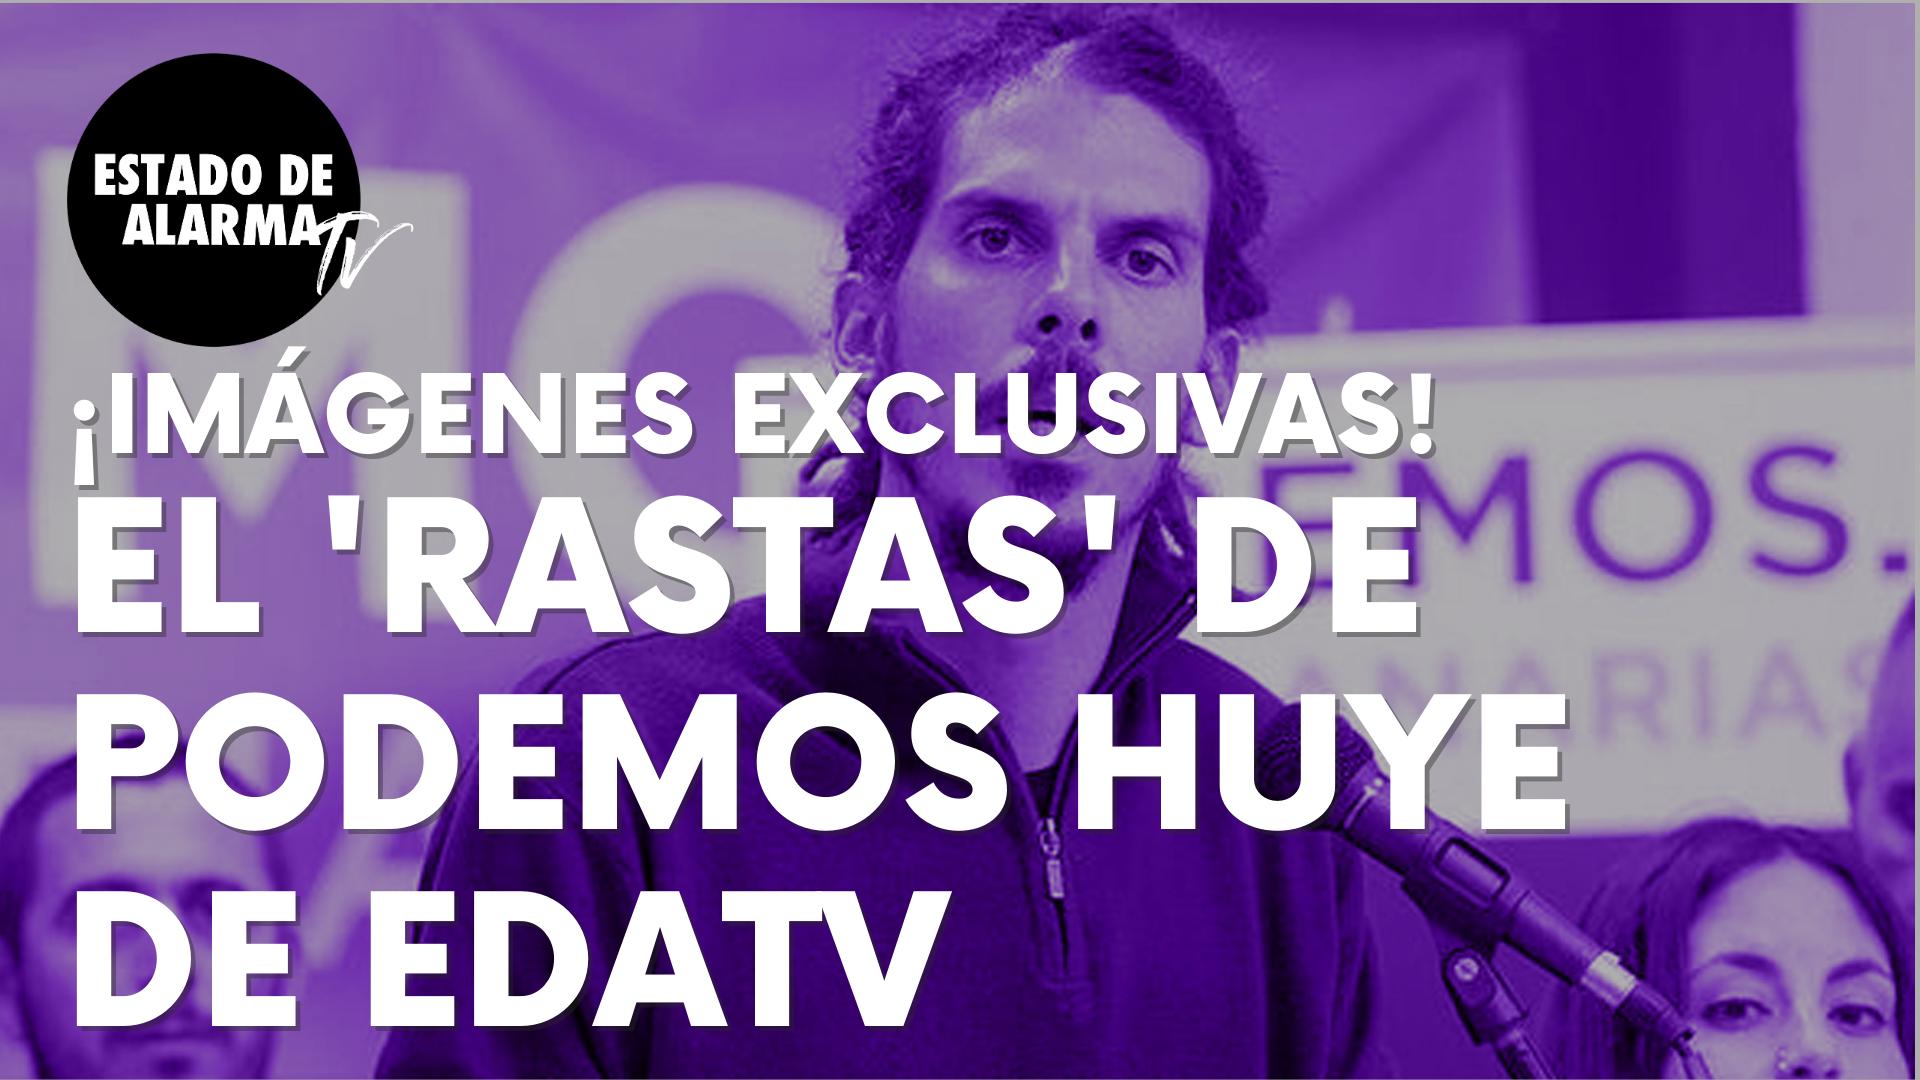 El podemita Alberto Rodríguez huye de EDATV tras la pregunta que nunca pensó que le haríamos